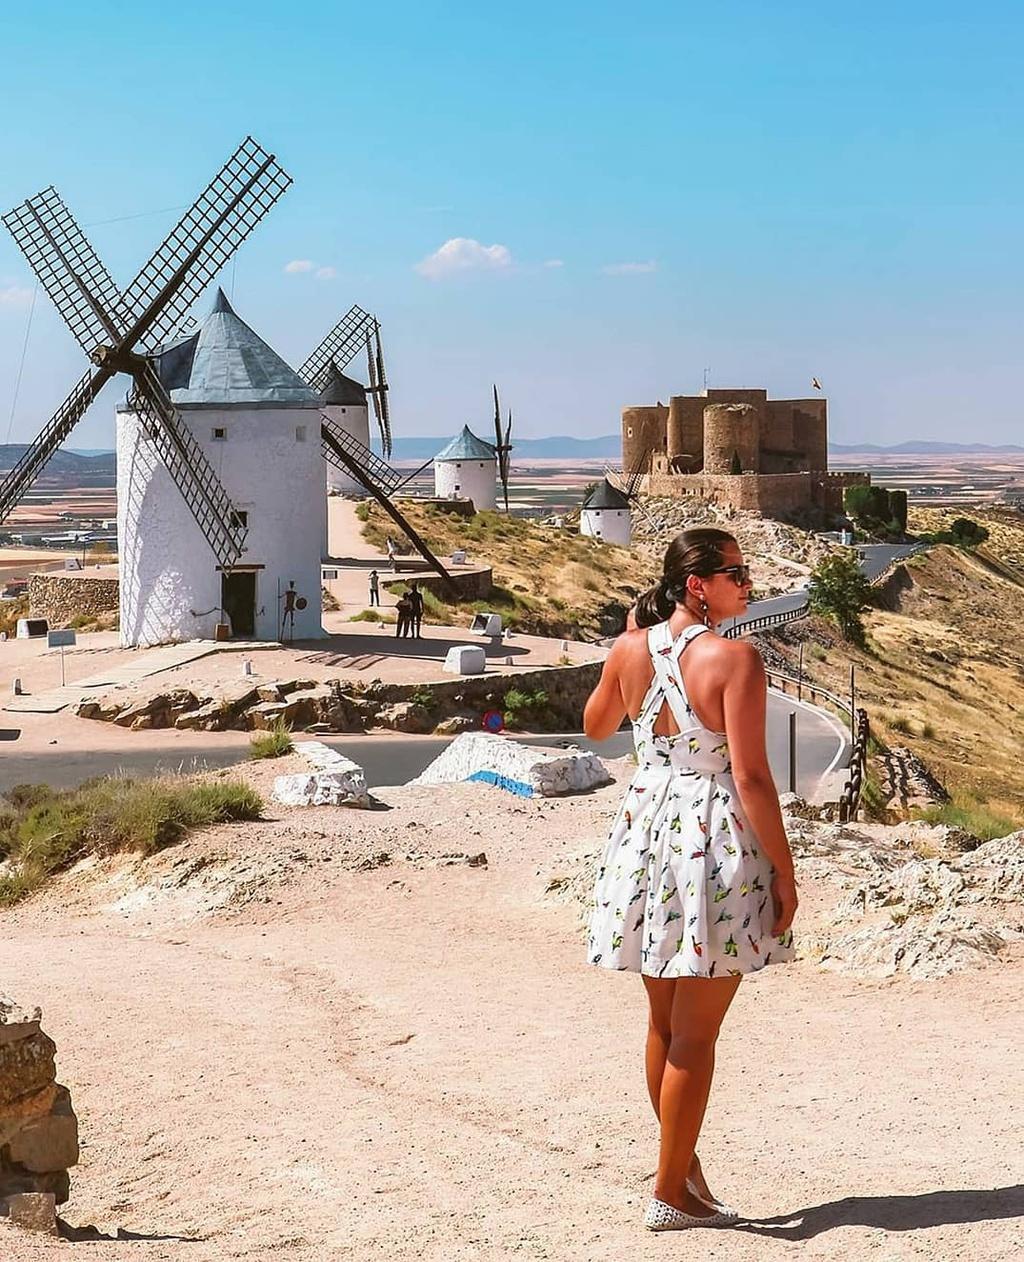 Thiên đường cối xay gió đẹp như tranh vẽ ở Tây Ban Nha Ảnh 5